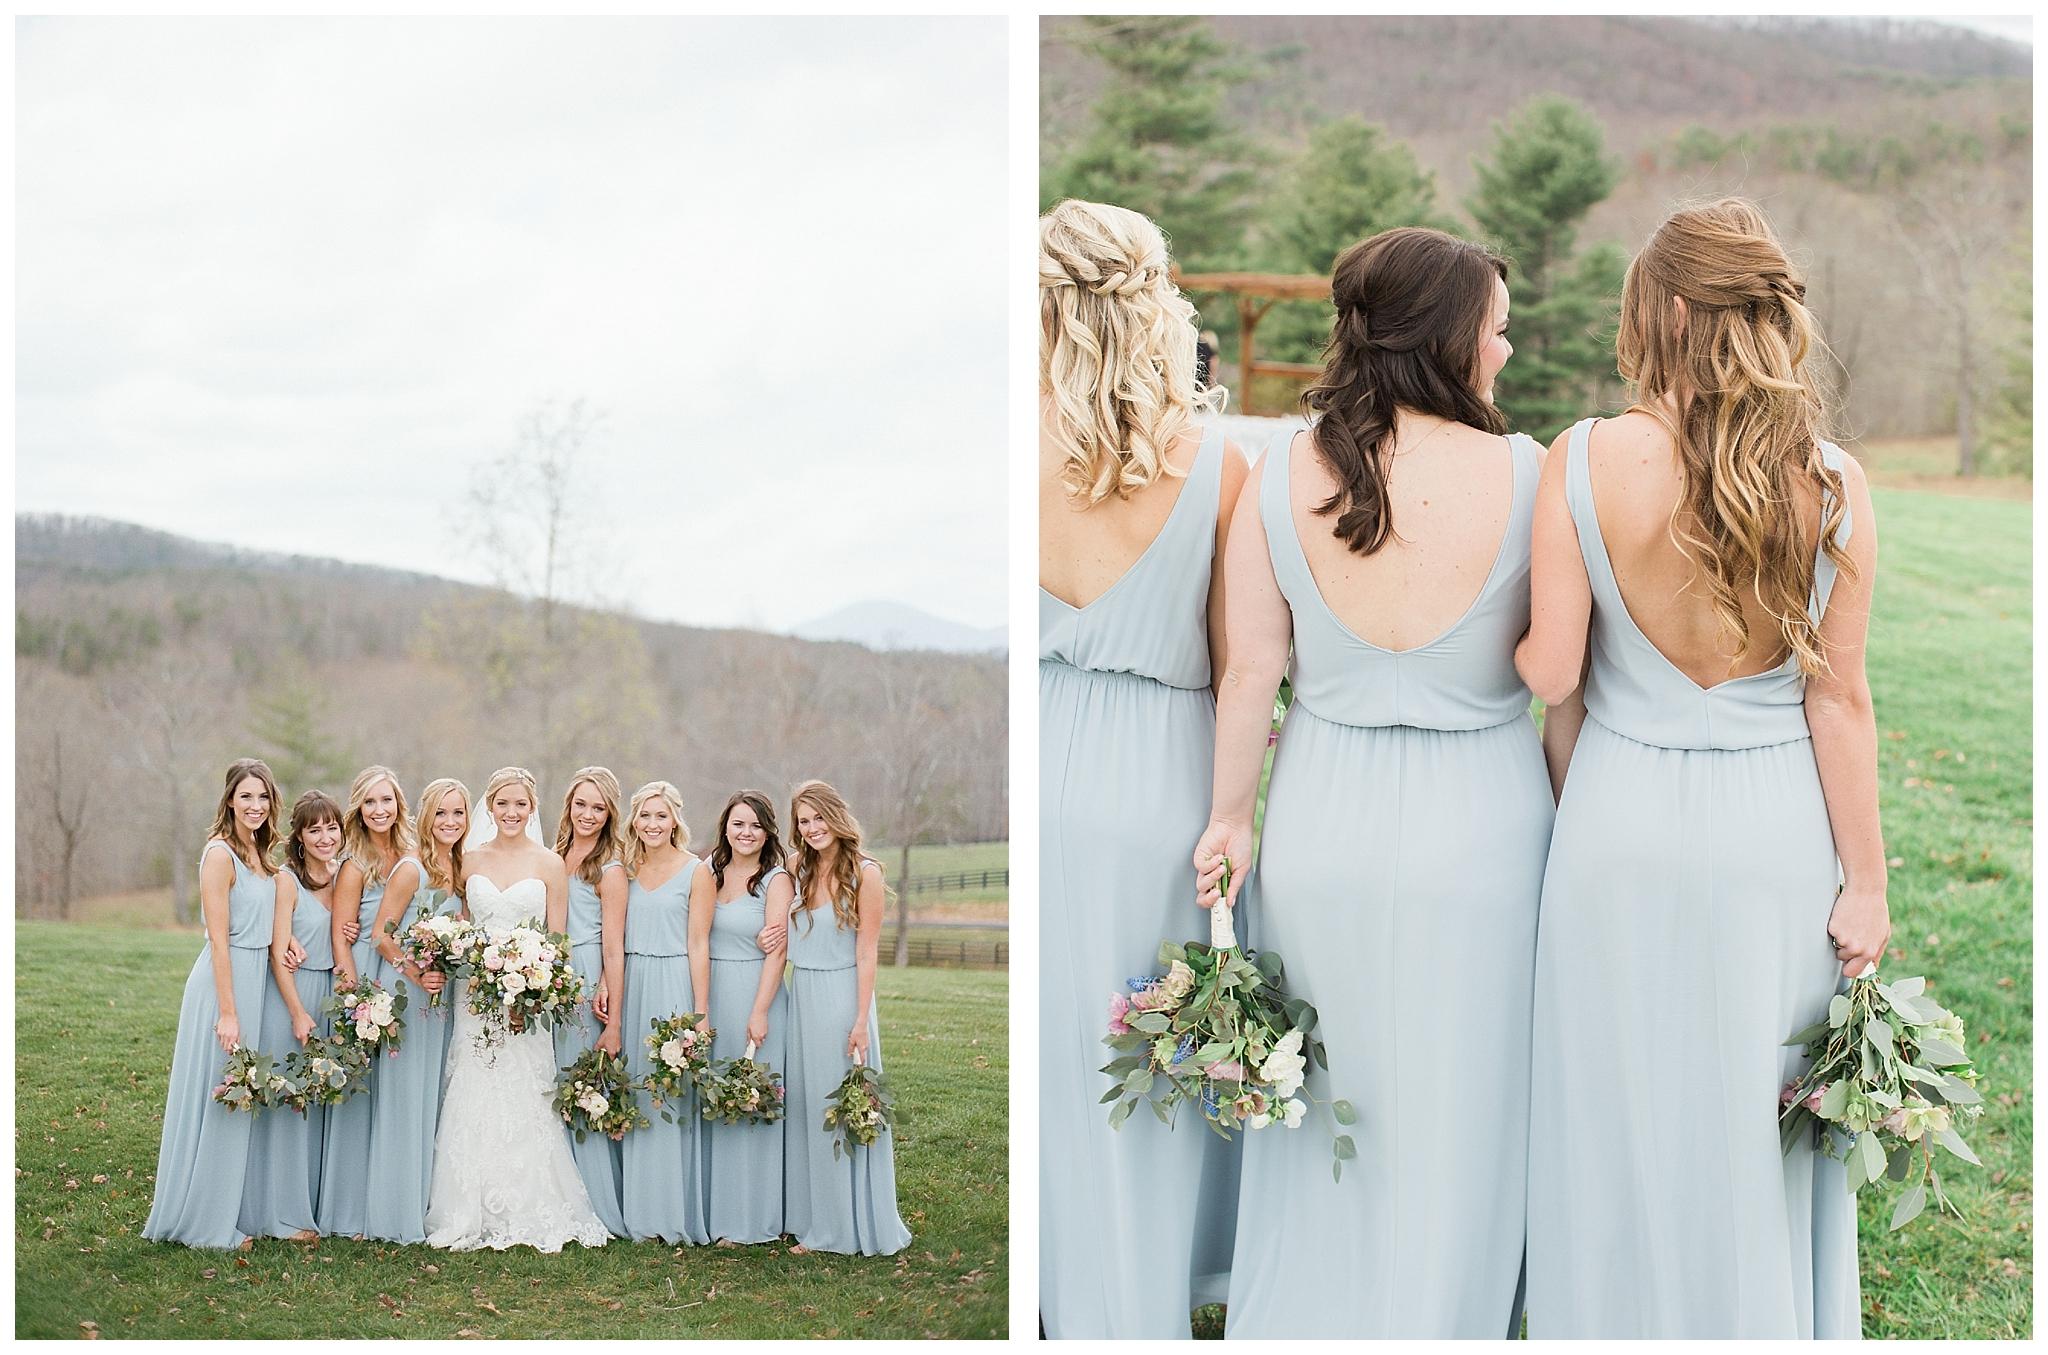 white-oaks-barn-dahlonega-wedding-photographer-christina-pugh_0017.jpg